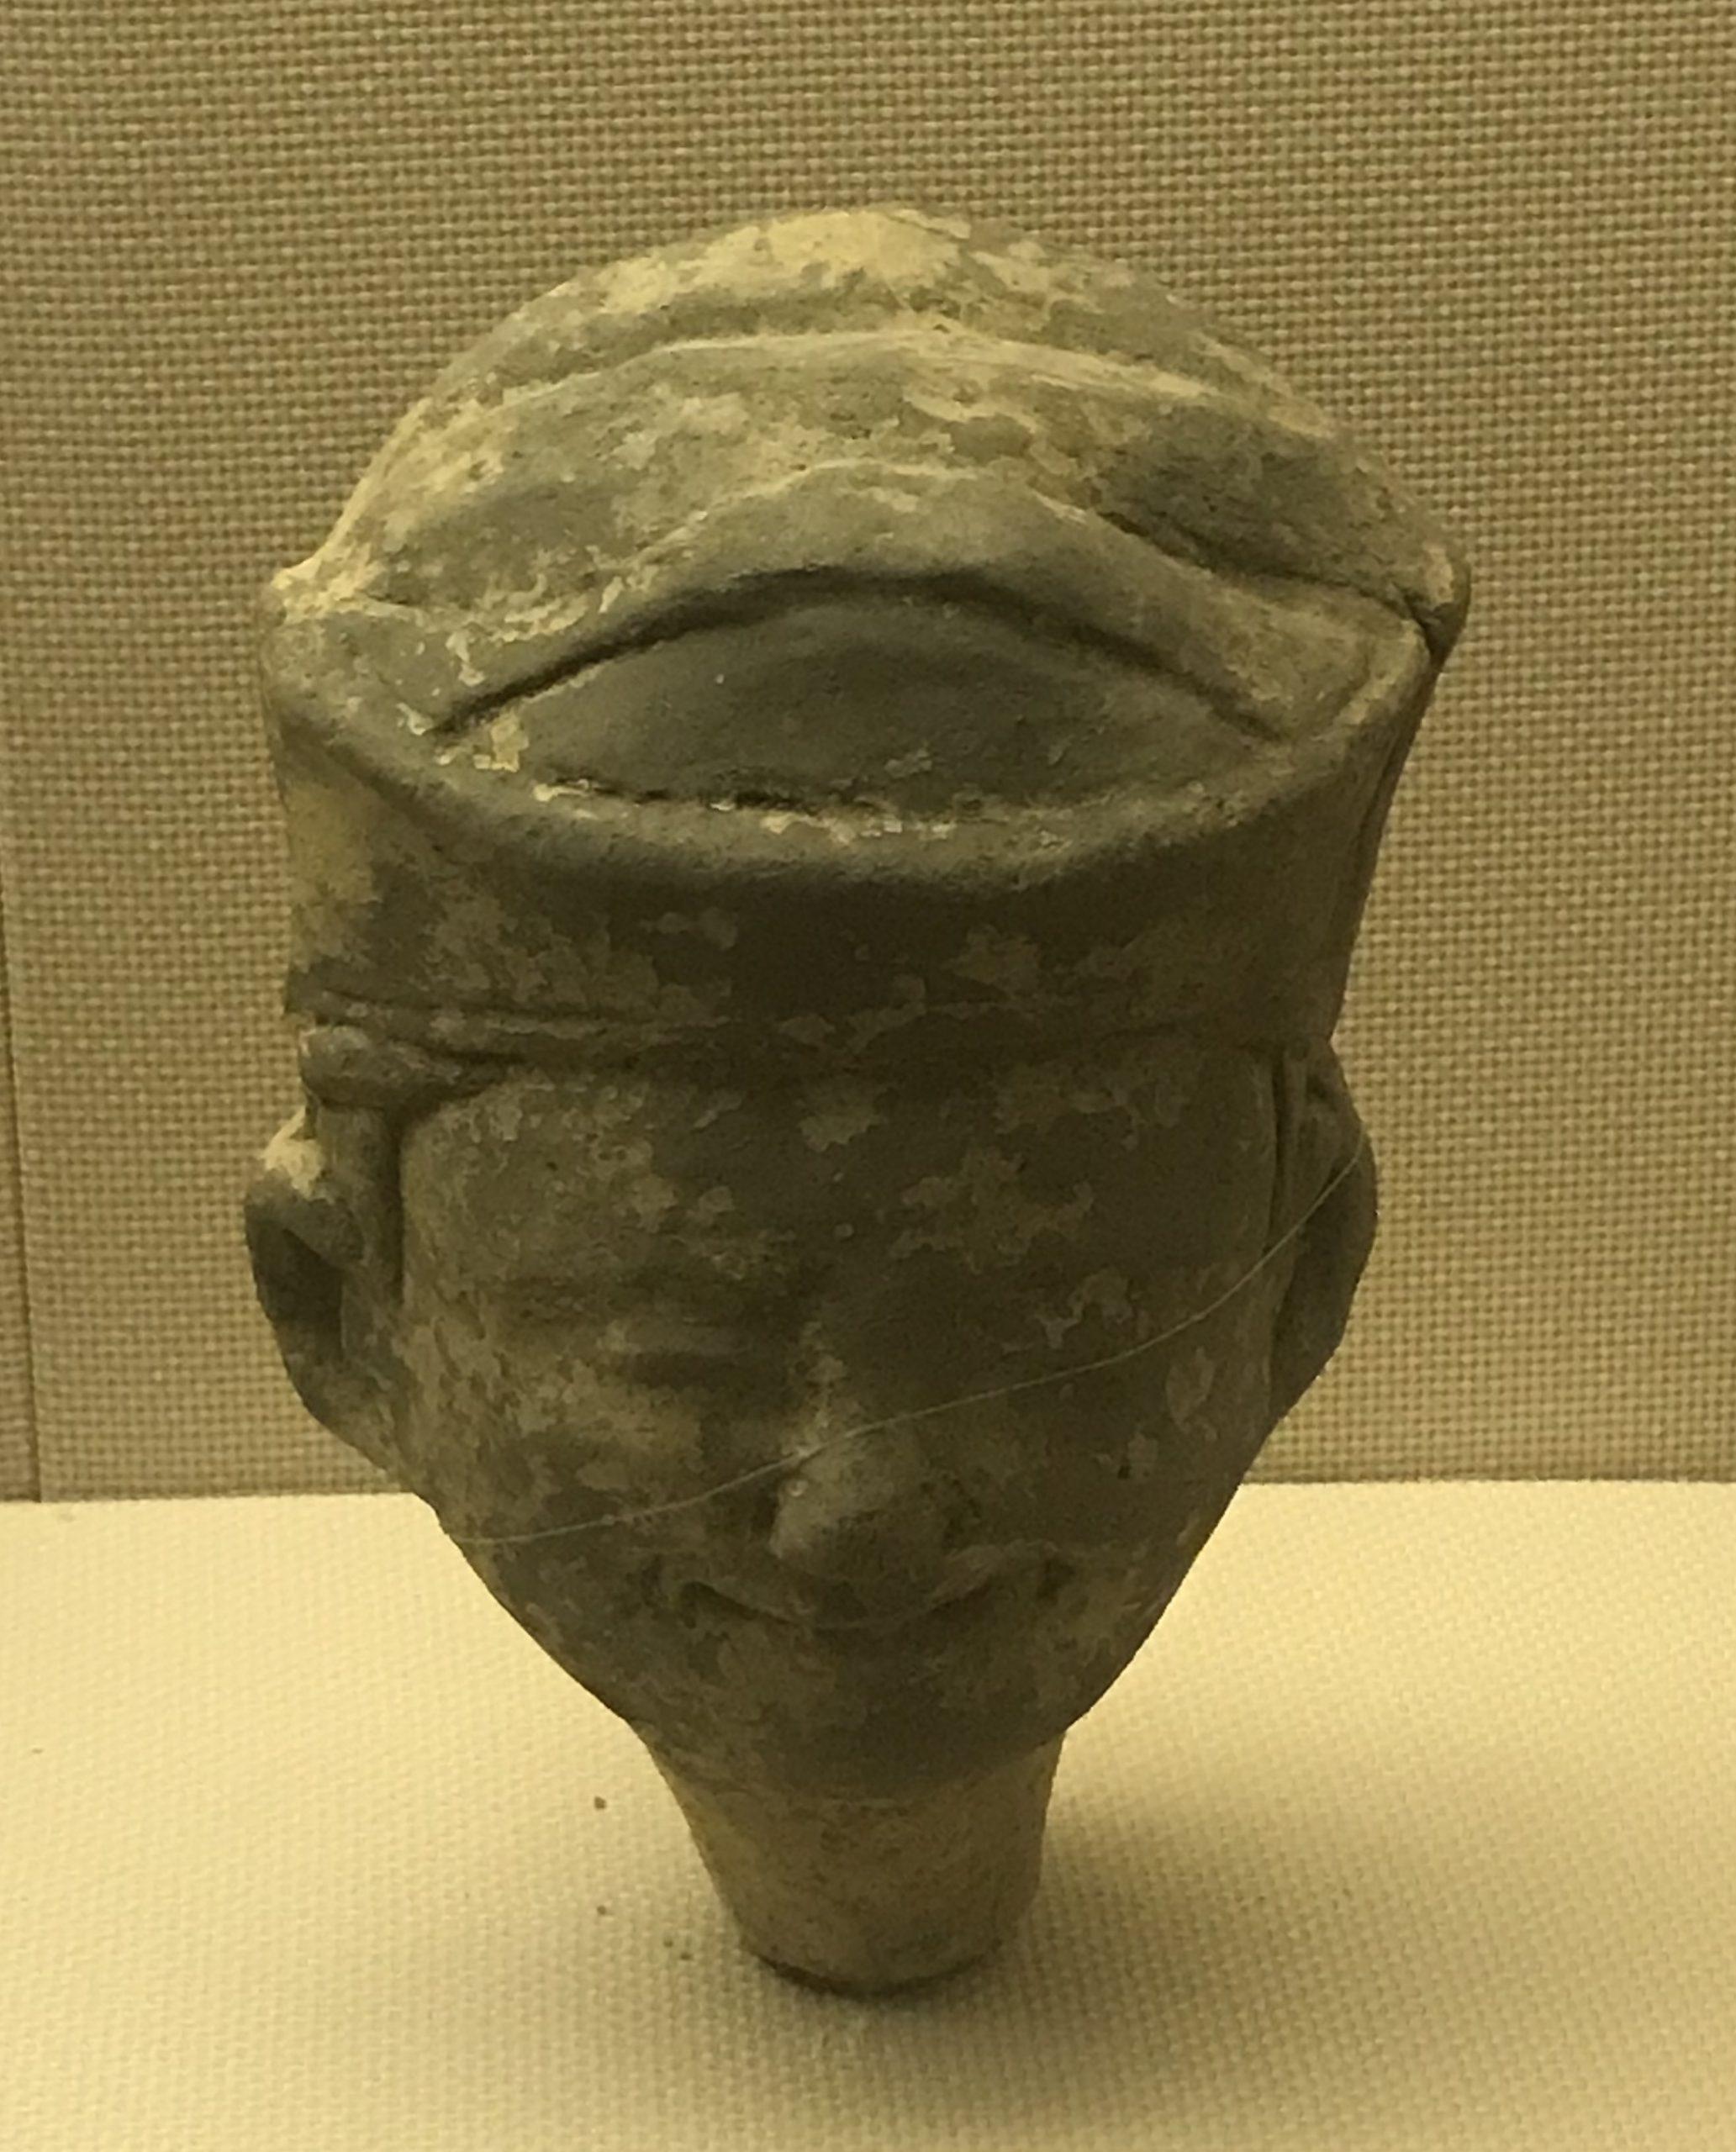 陶俑頭10-東漢-四川漢代陶石芸術館-四川博物院-成都